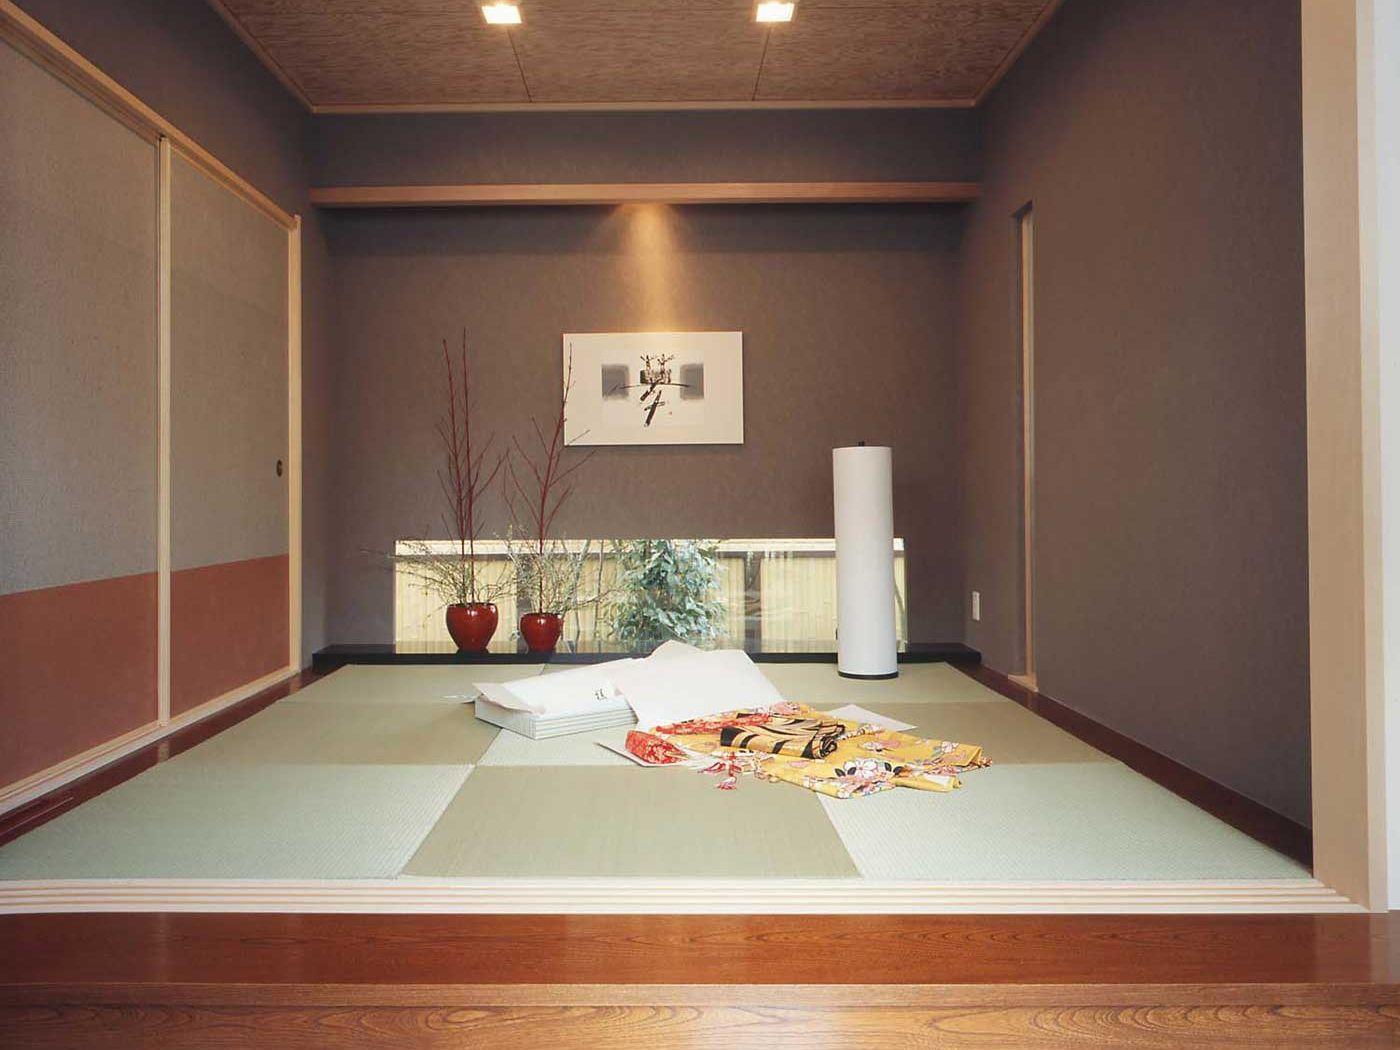 シンプルな壁紙 モダンな和室 イメージ 和室 シンプルな壁紙 注文住宅